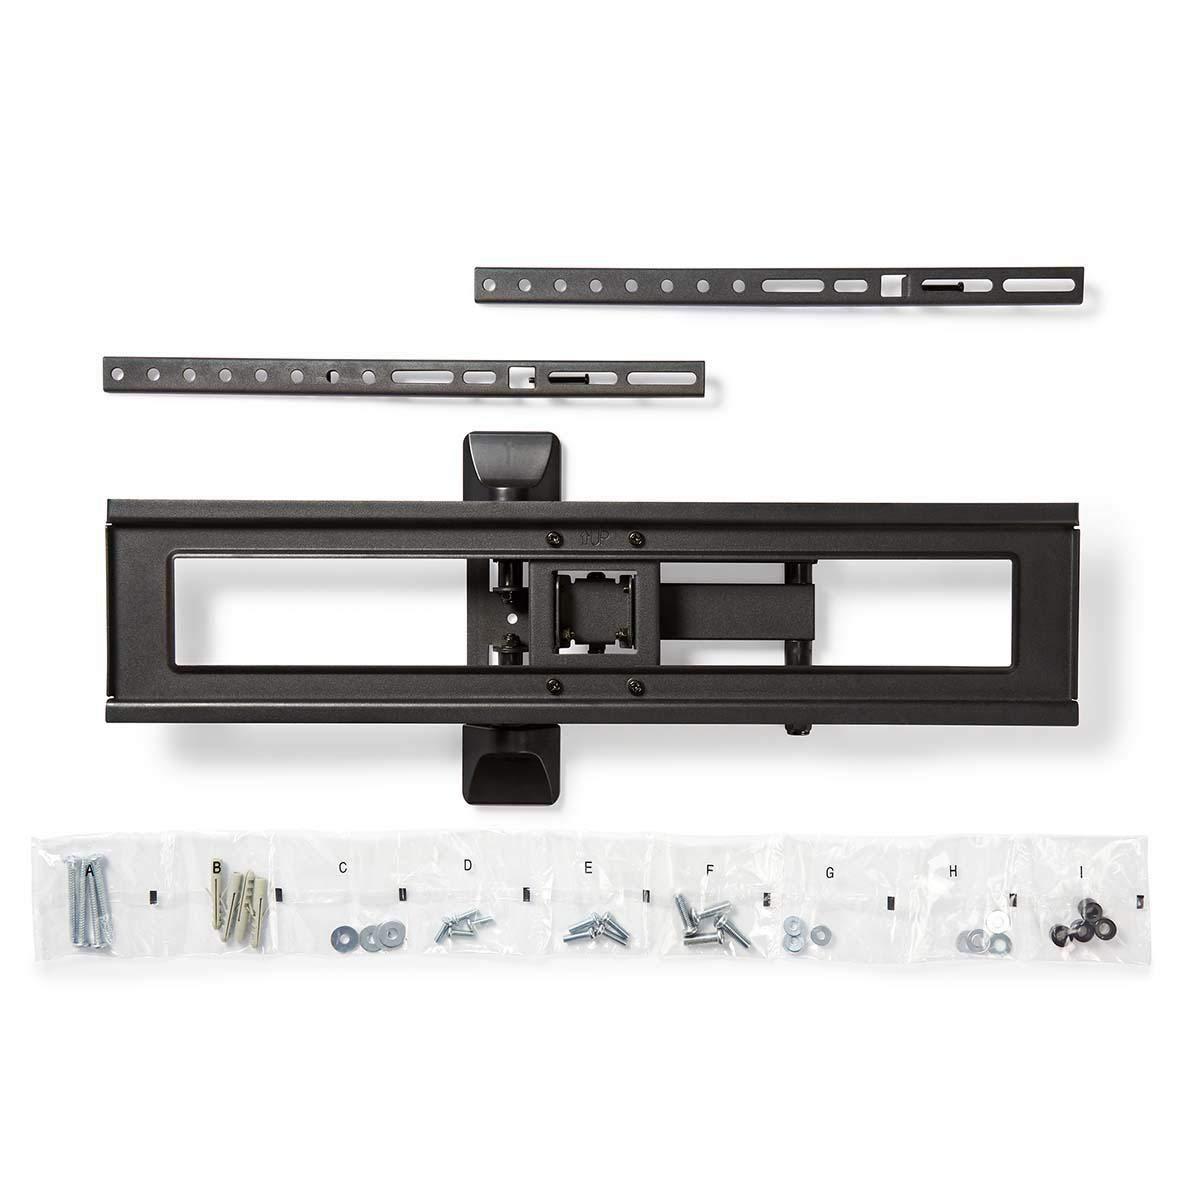 TronicXL - Soporte de Pared móvil para televisores Sharp LC-65UI7352E, LC-65UI7252E, LC-65UI7552E, LC-65CUG8062E, LC-65XUF8772ES, LC-65CUG8052E, LC-60UI9362E, Electronics LC70LE747E, LC-70UI9362E: Amazon.es: Electrónica